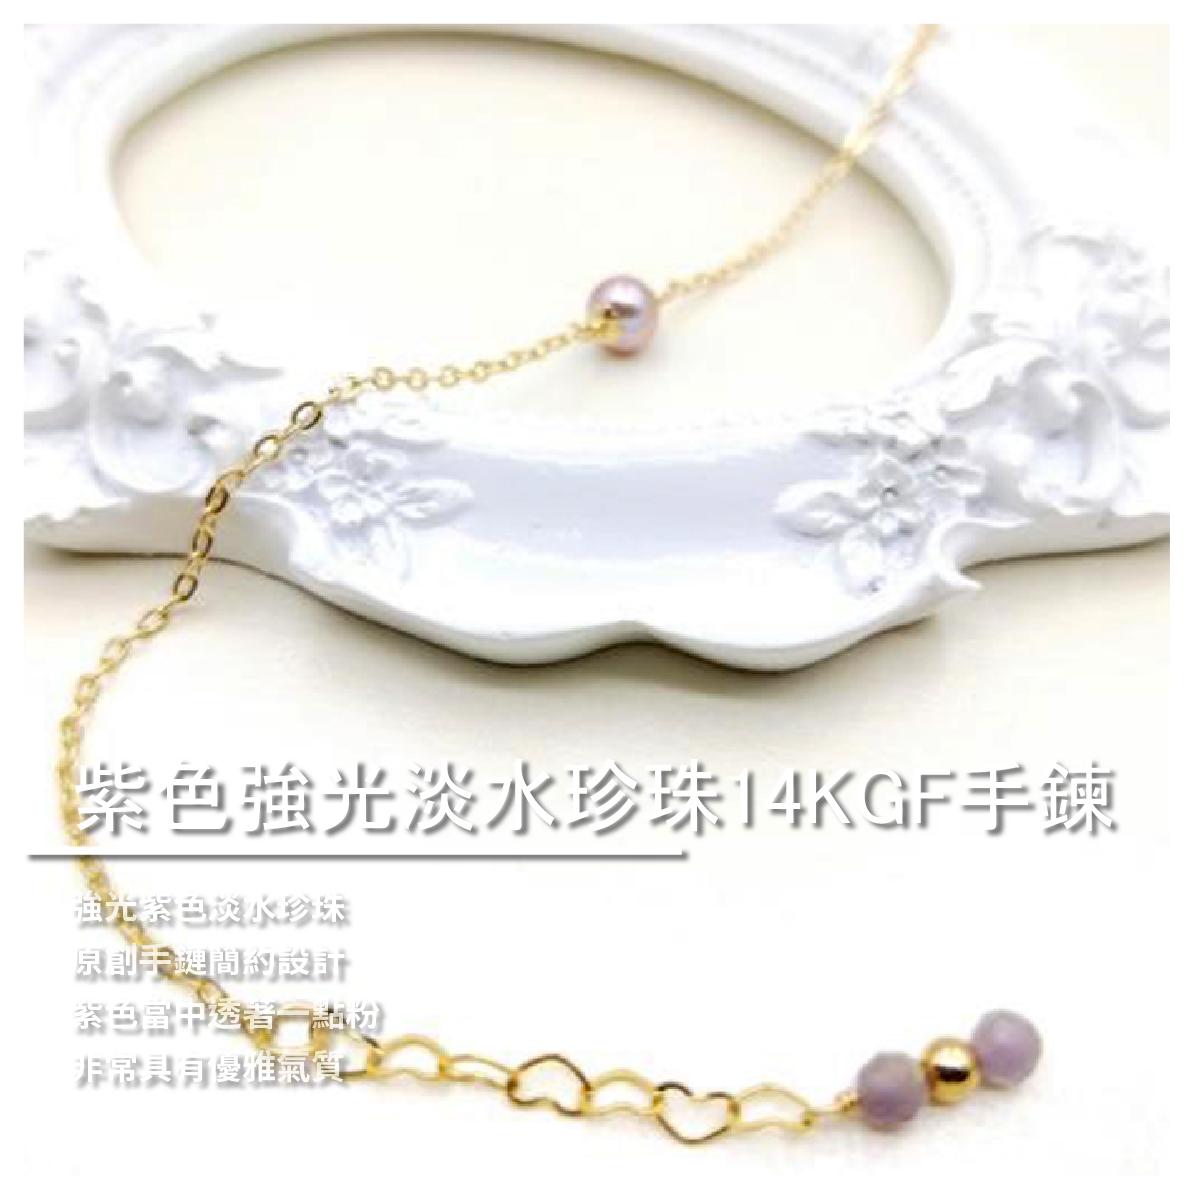 【LHN JEWELRY STUDIO】LHN顏選紫色強光淡水珍珠14KGF手鍊 / 回饋限時價 $650 (限量30件)